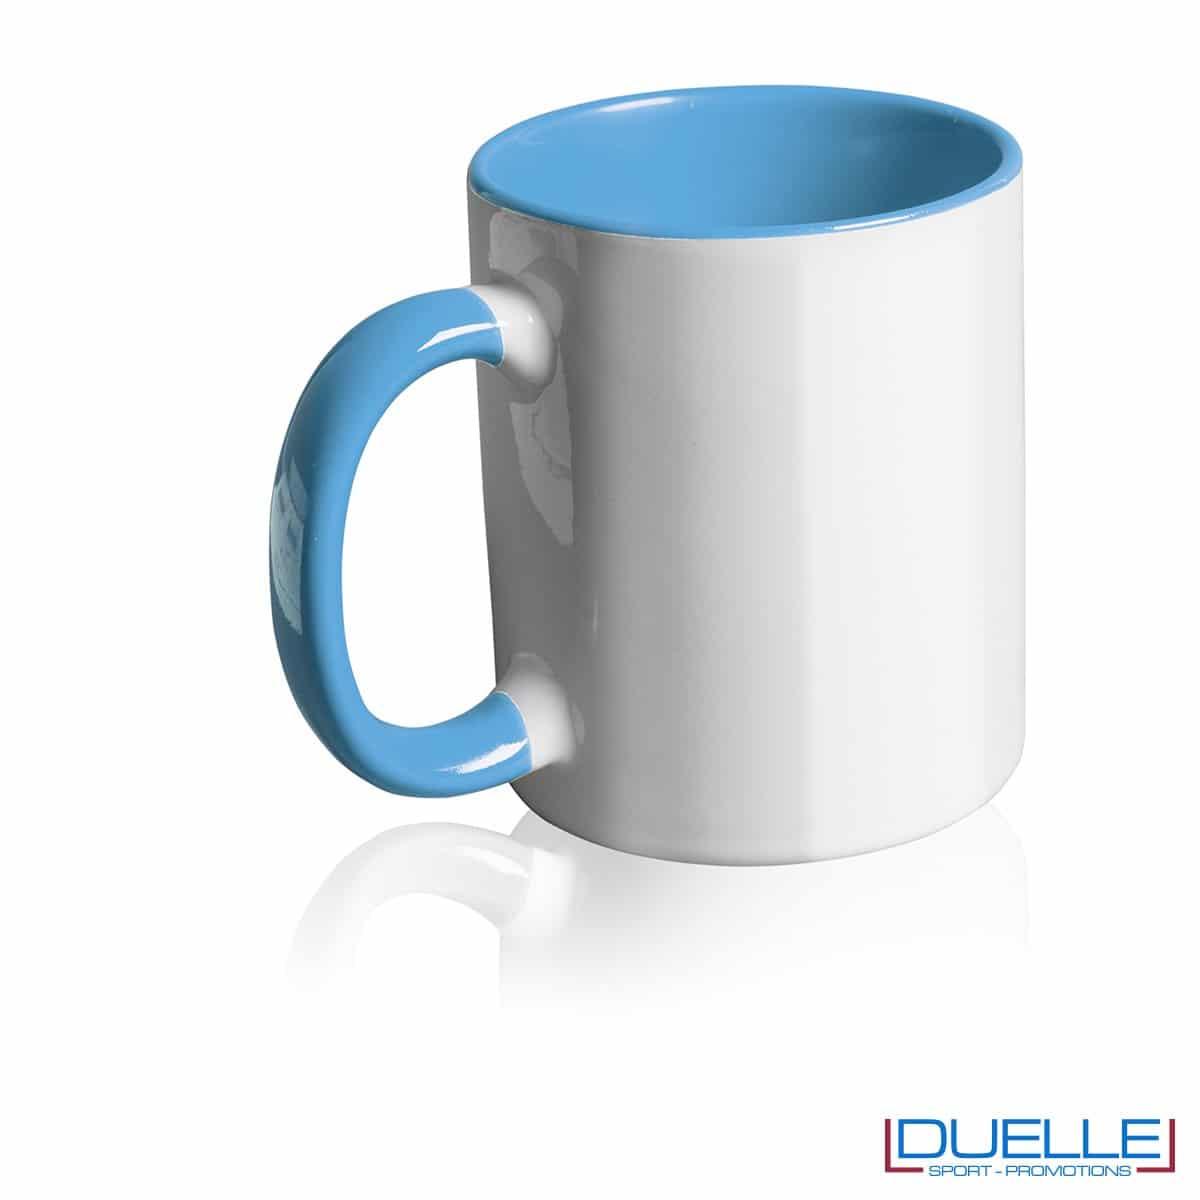 Tazza personalizzata promozionale in ceramica con interni azzurro